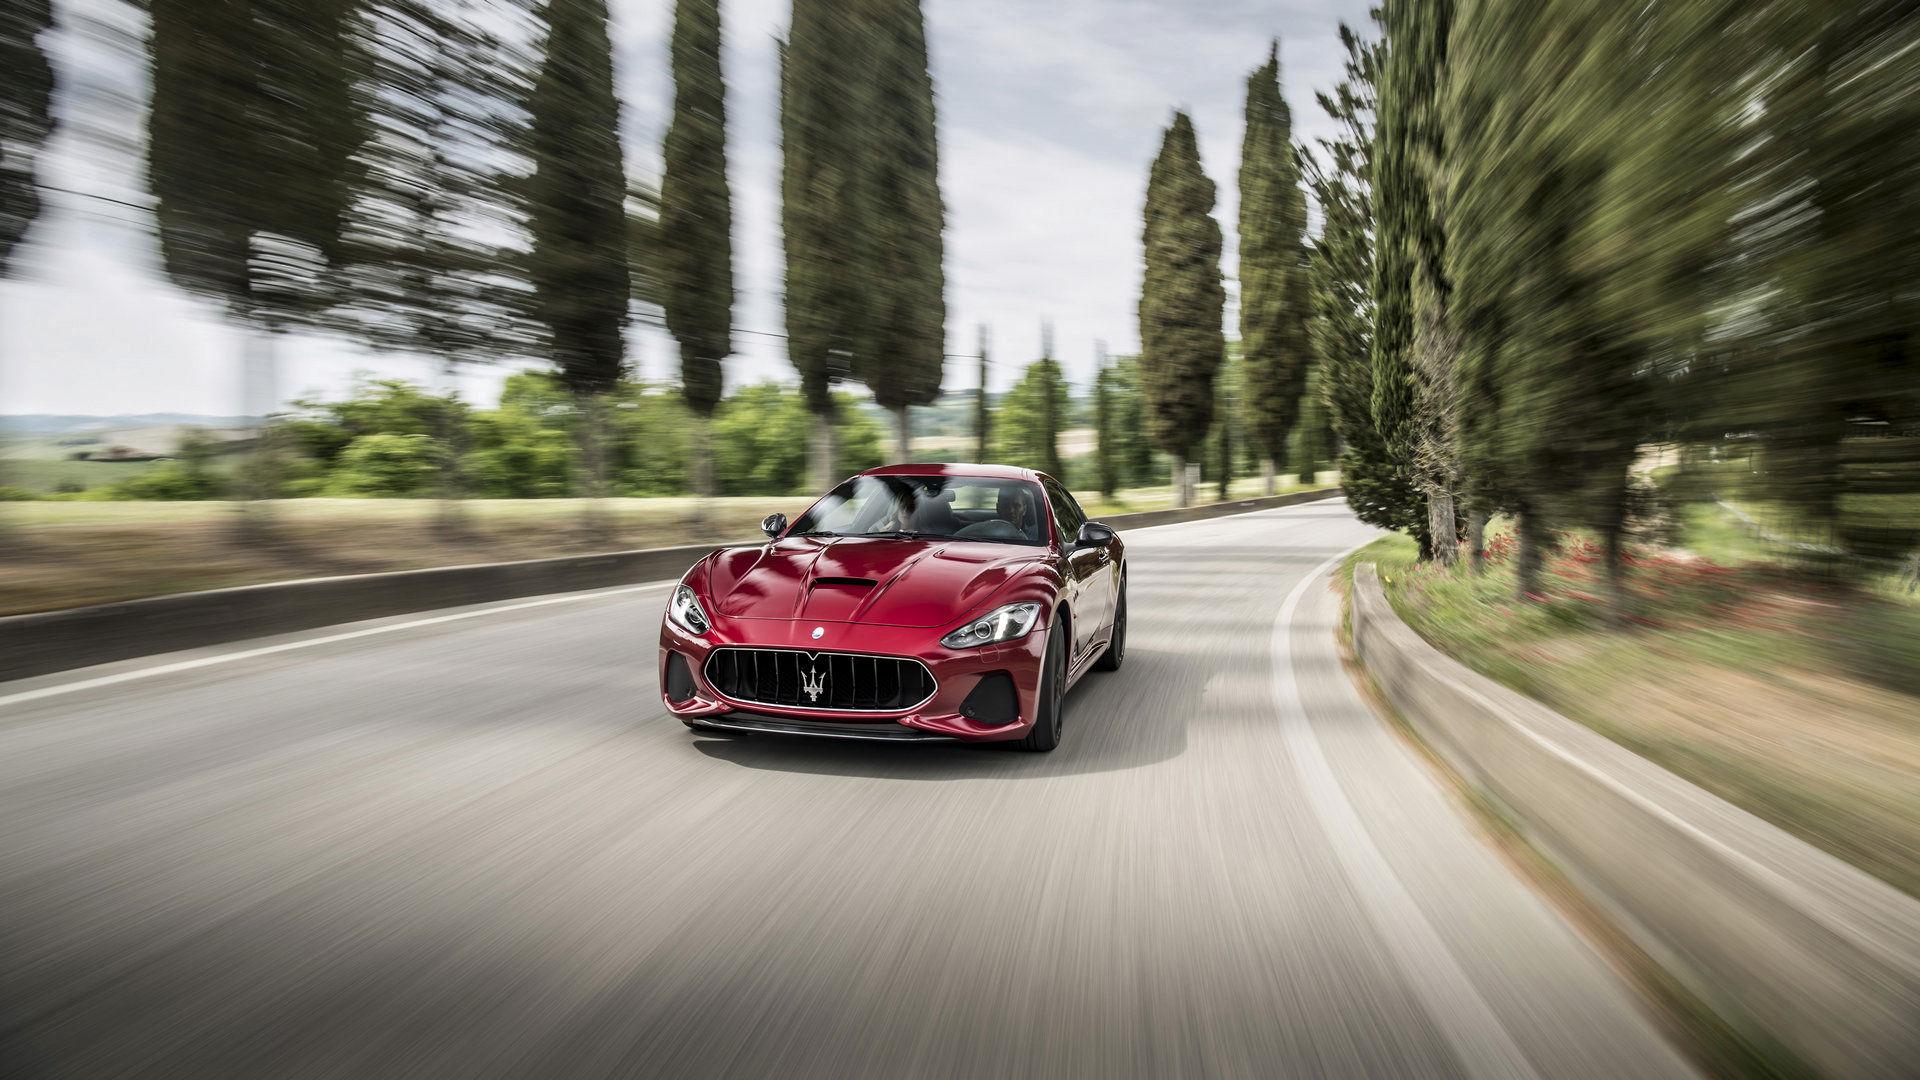 Maserati GranTurismo - Rot - auf der Straße - italienische Landschaft im Hintergrund